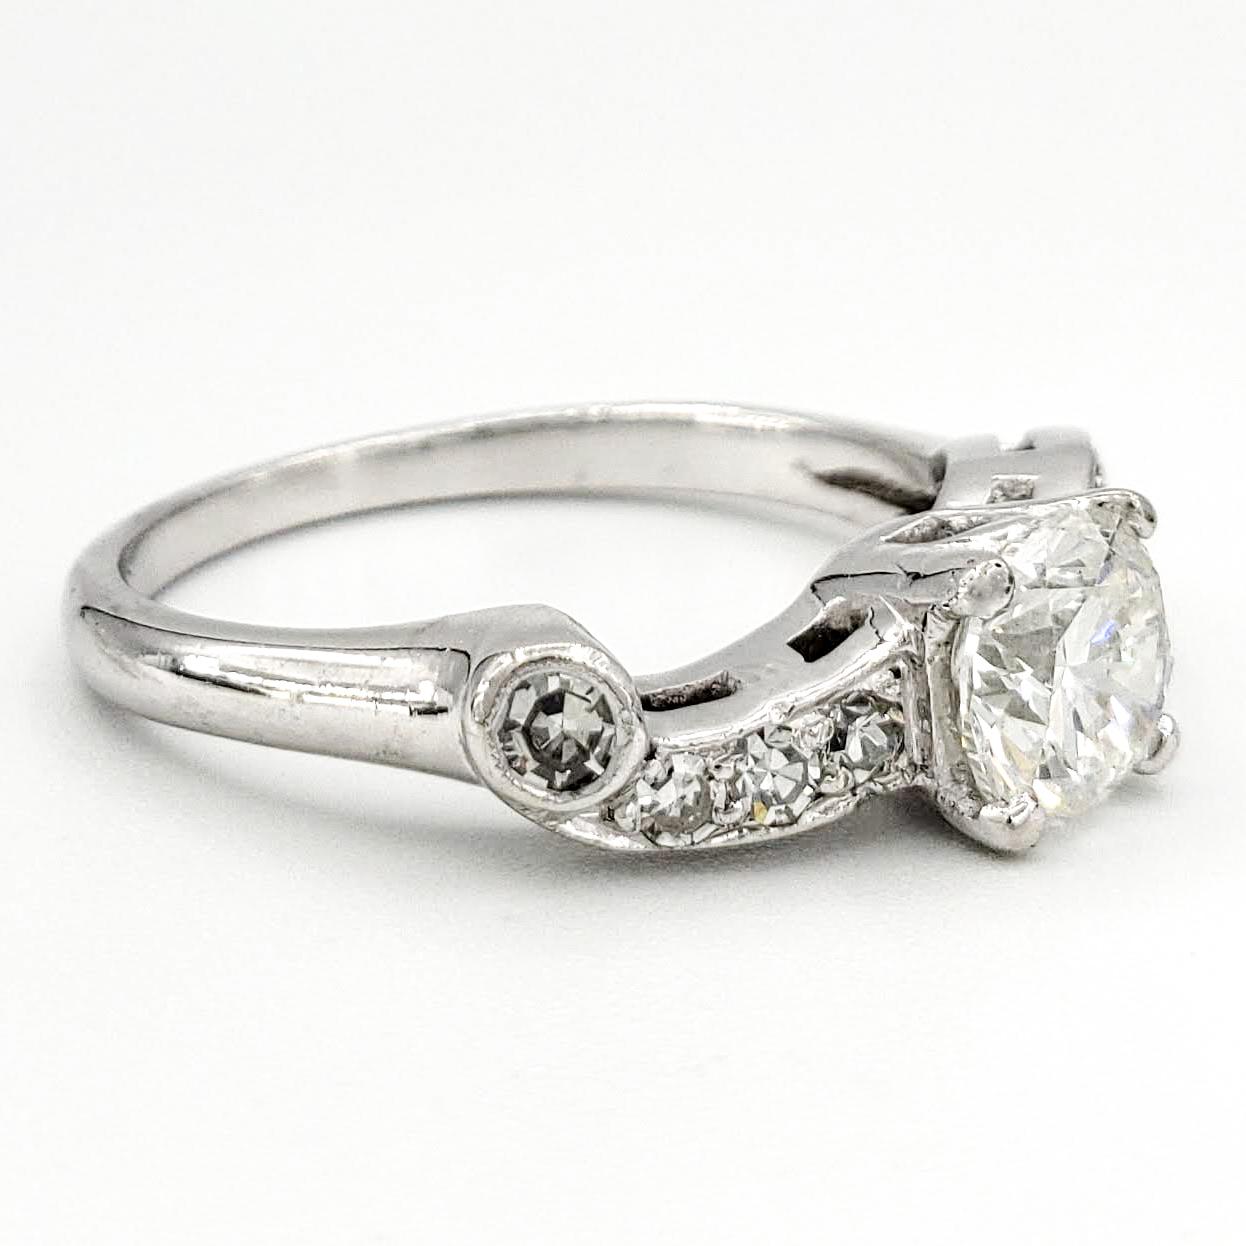 Vintage Platinum Engagement Ring With 0.81 Carat Round Brilliant Cut Diamond EGL – F SI2